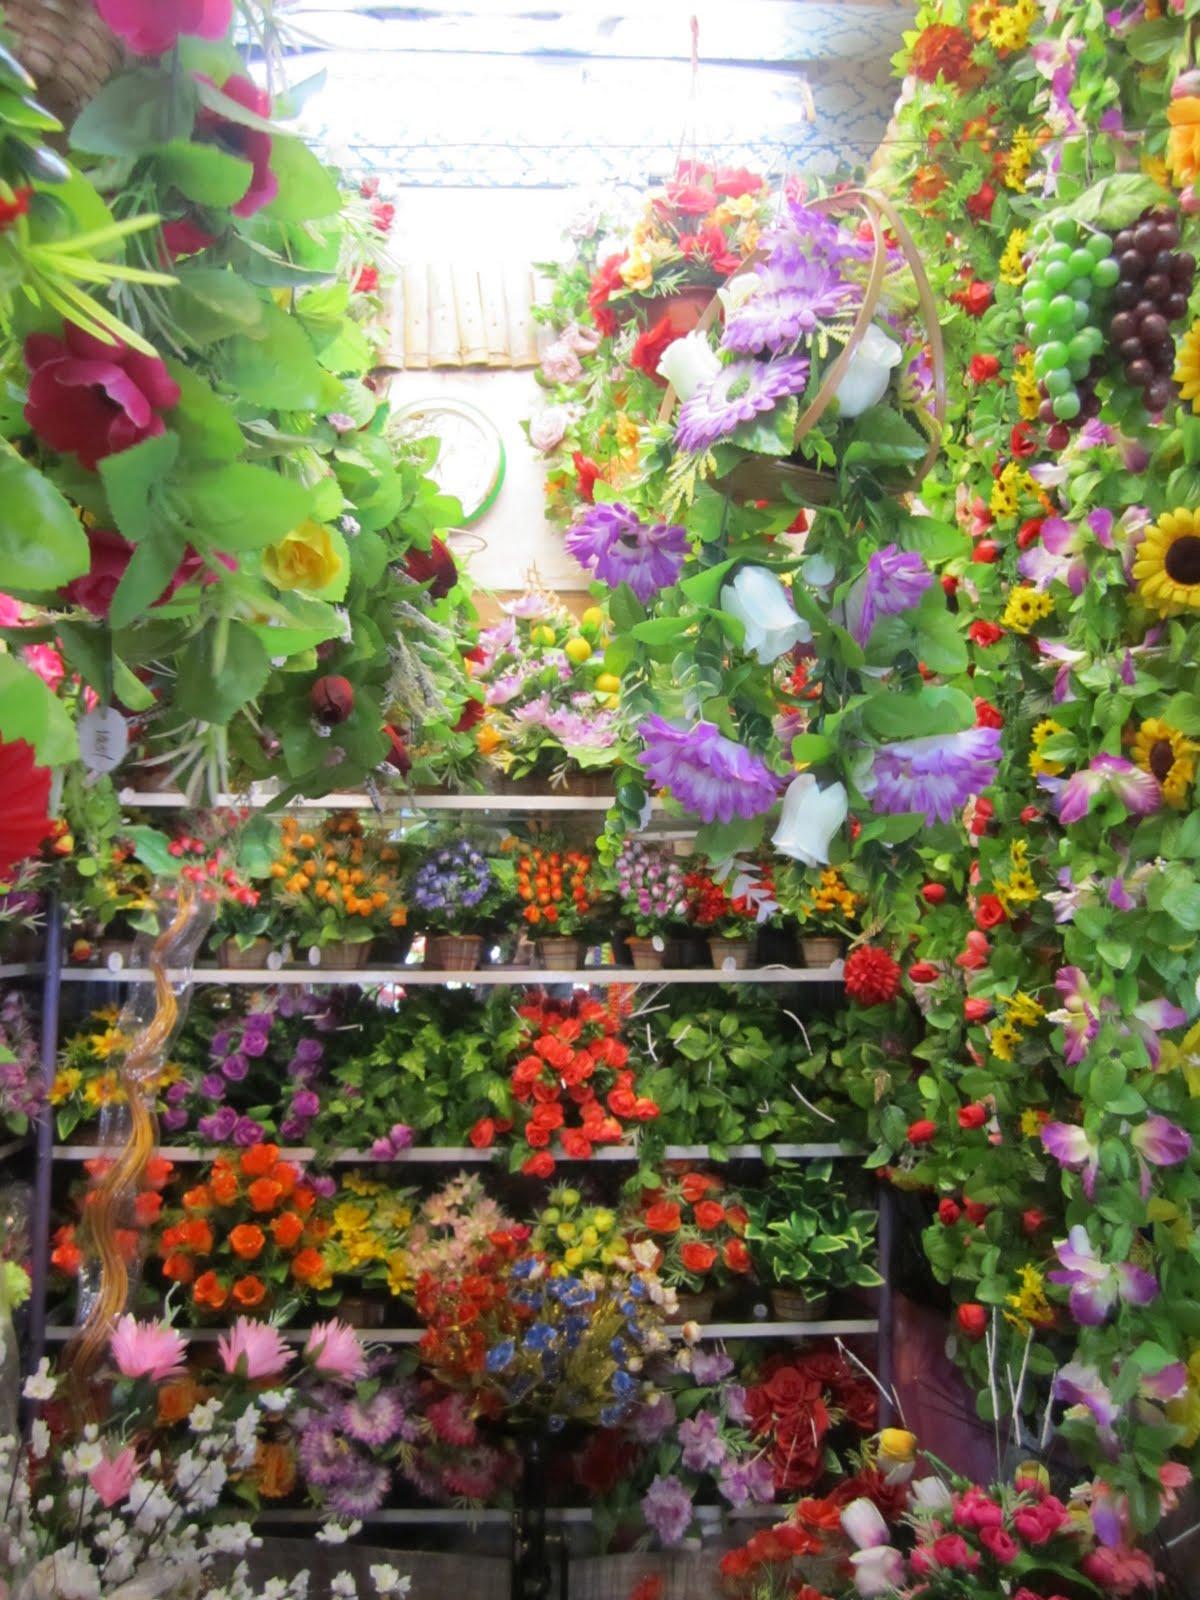 Artificial Flowers Shops in Paris